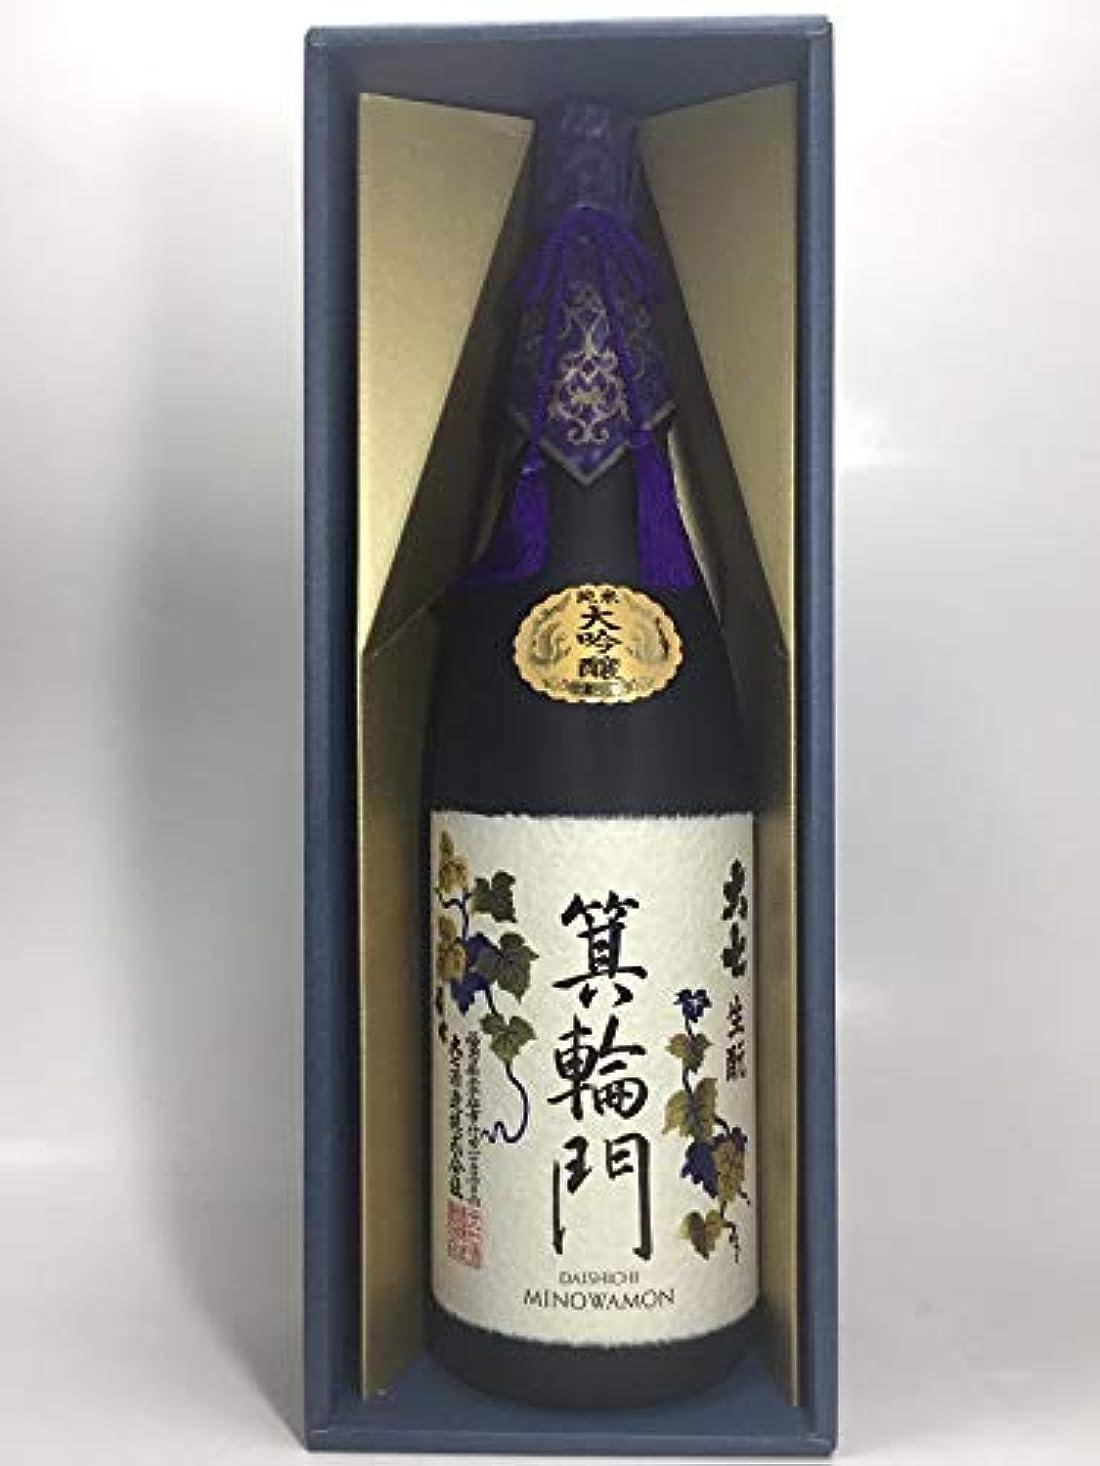 クック誇り蜂大七酒造(株) 大七 箕輪門 純米大吟醸 1800ml/福島 e541